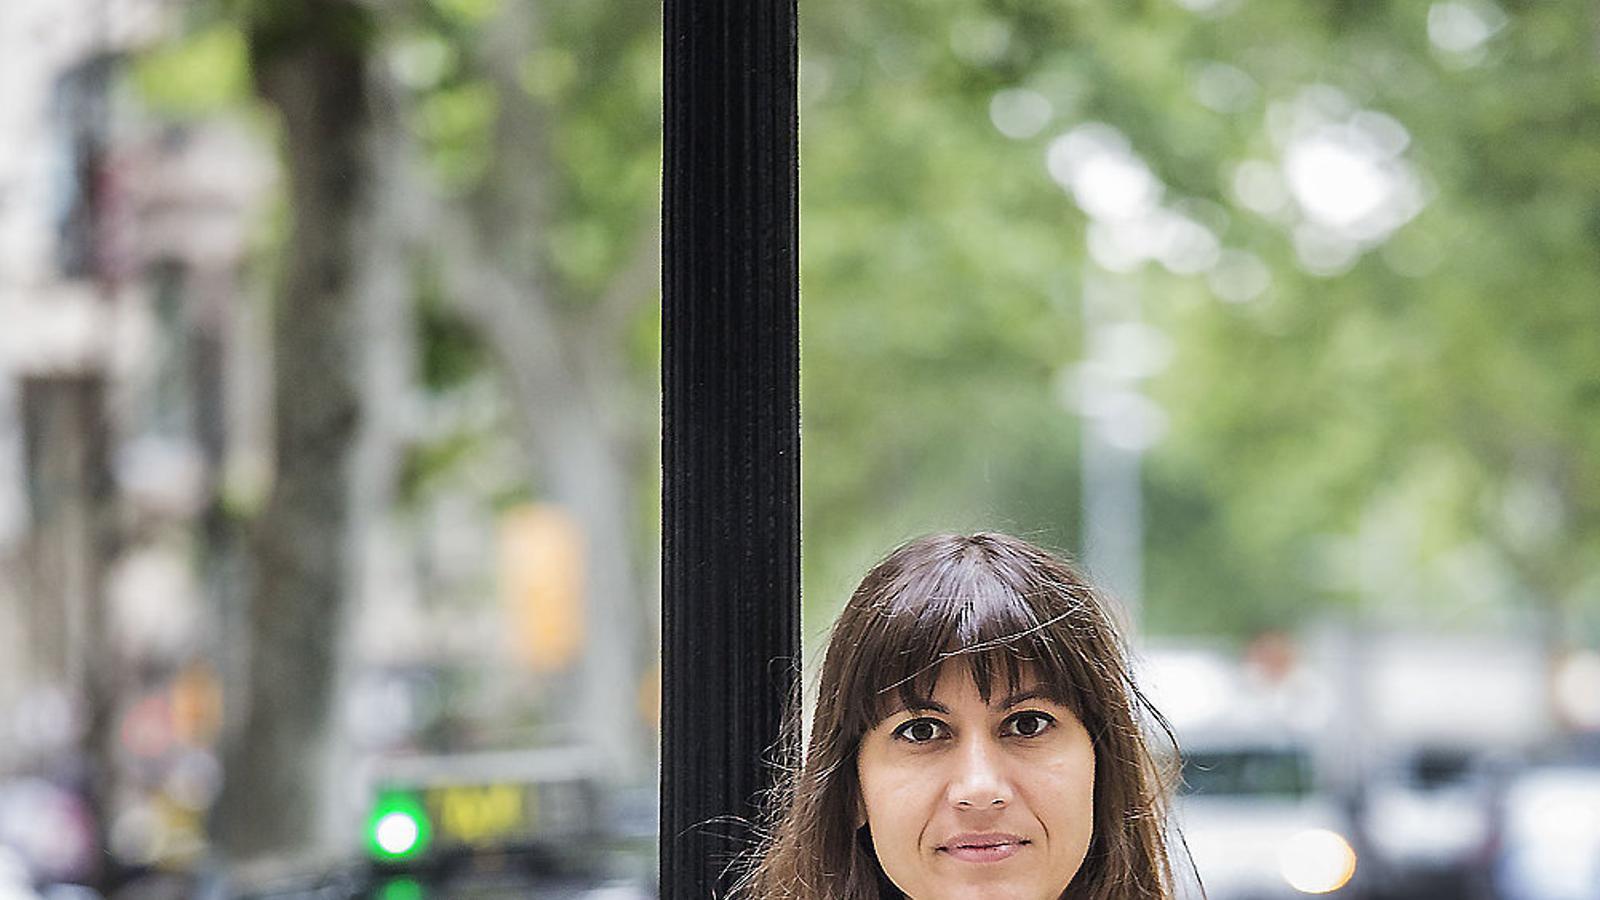 Sandrine Morel és la corresponsal de Le Monde a Madrid i acaba de publicar el llibre En el huracán catalán.